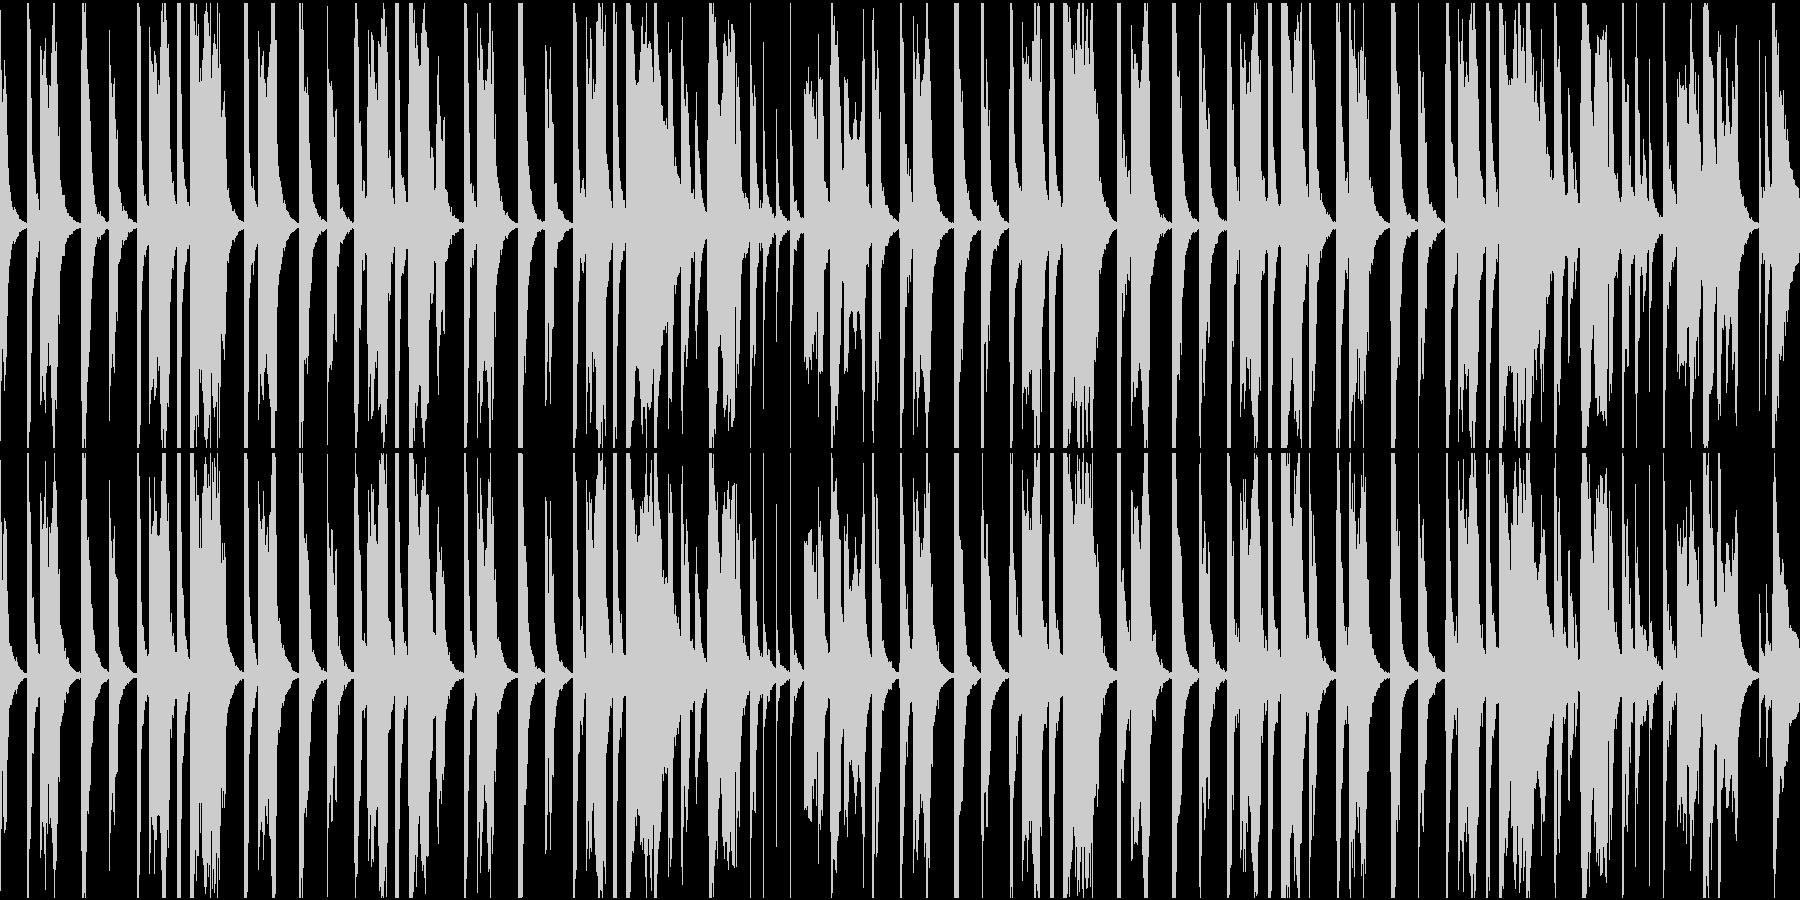 気の抜けたトンチンカンなシーンのBGMの未再生の波形